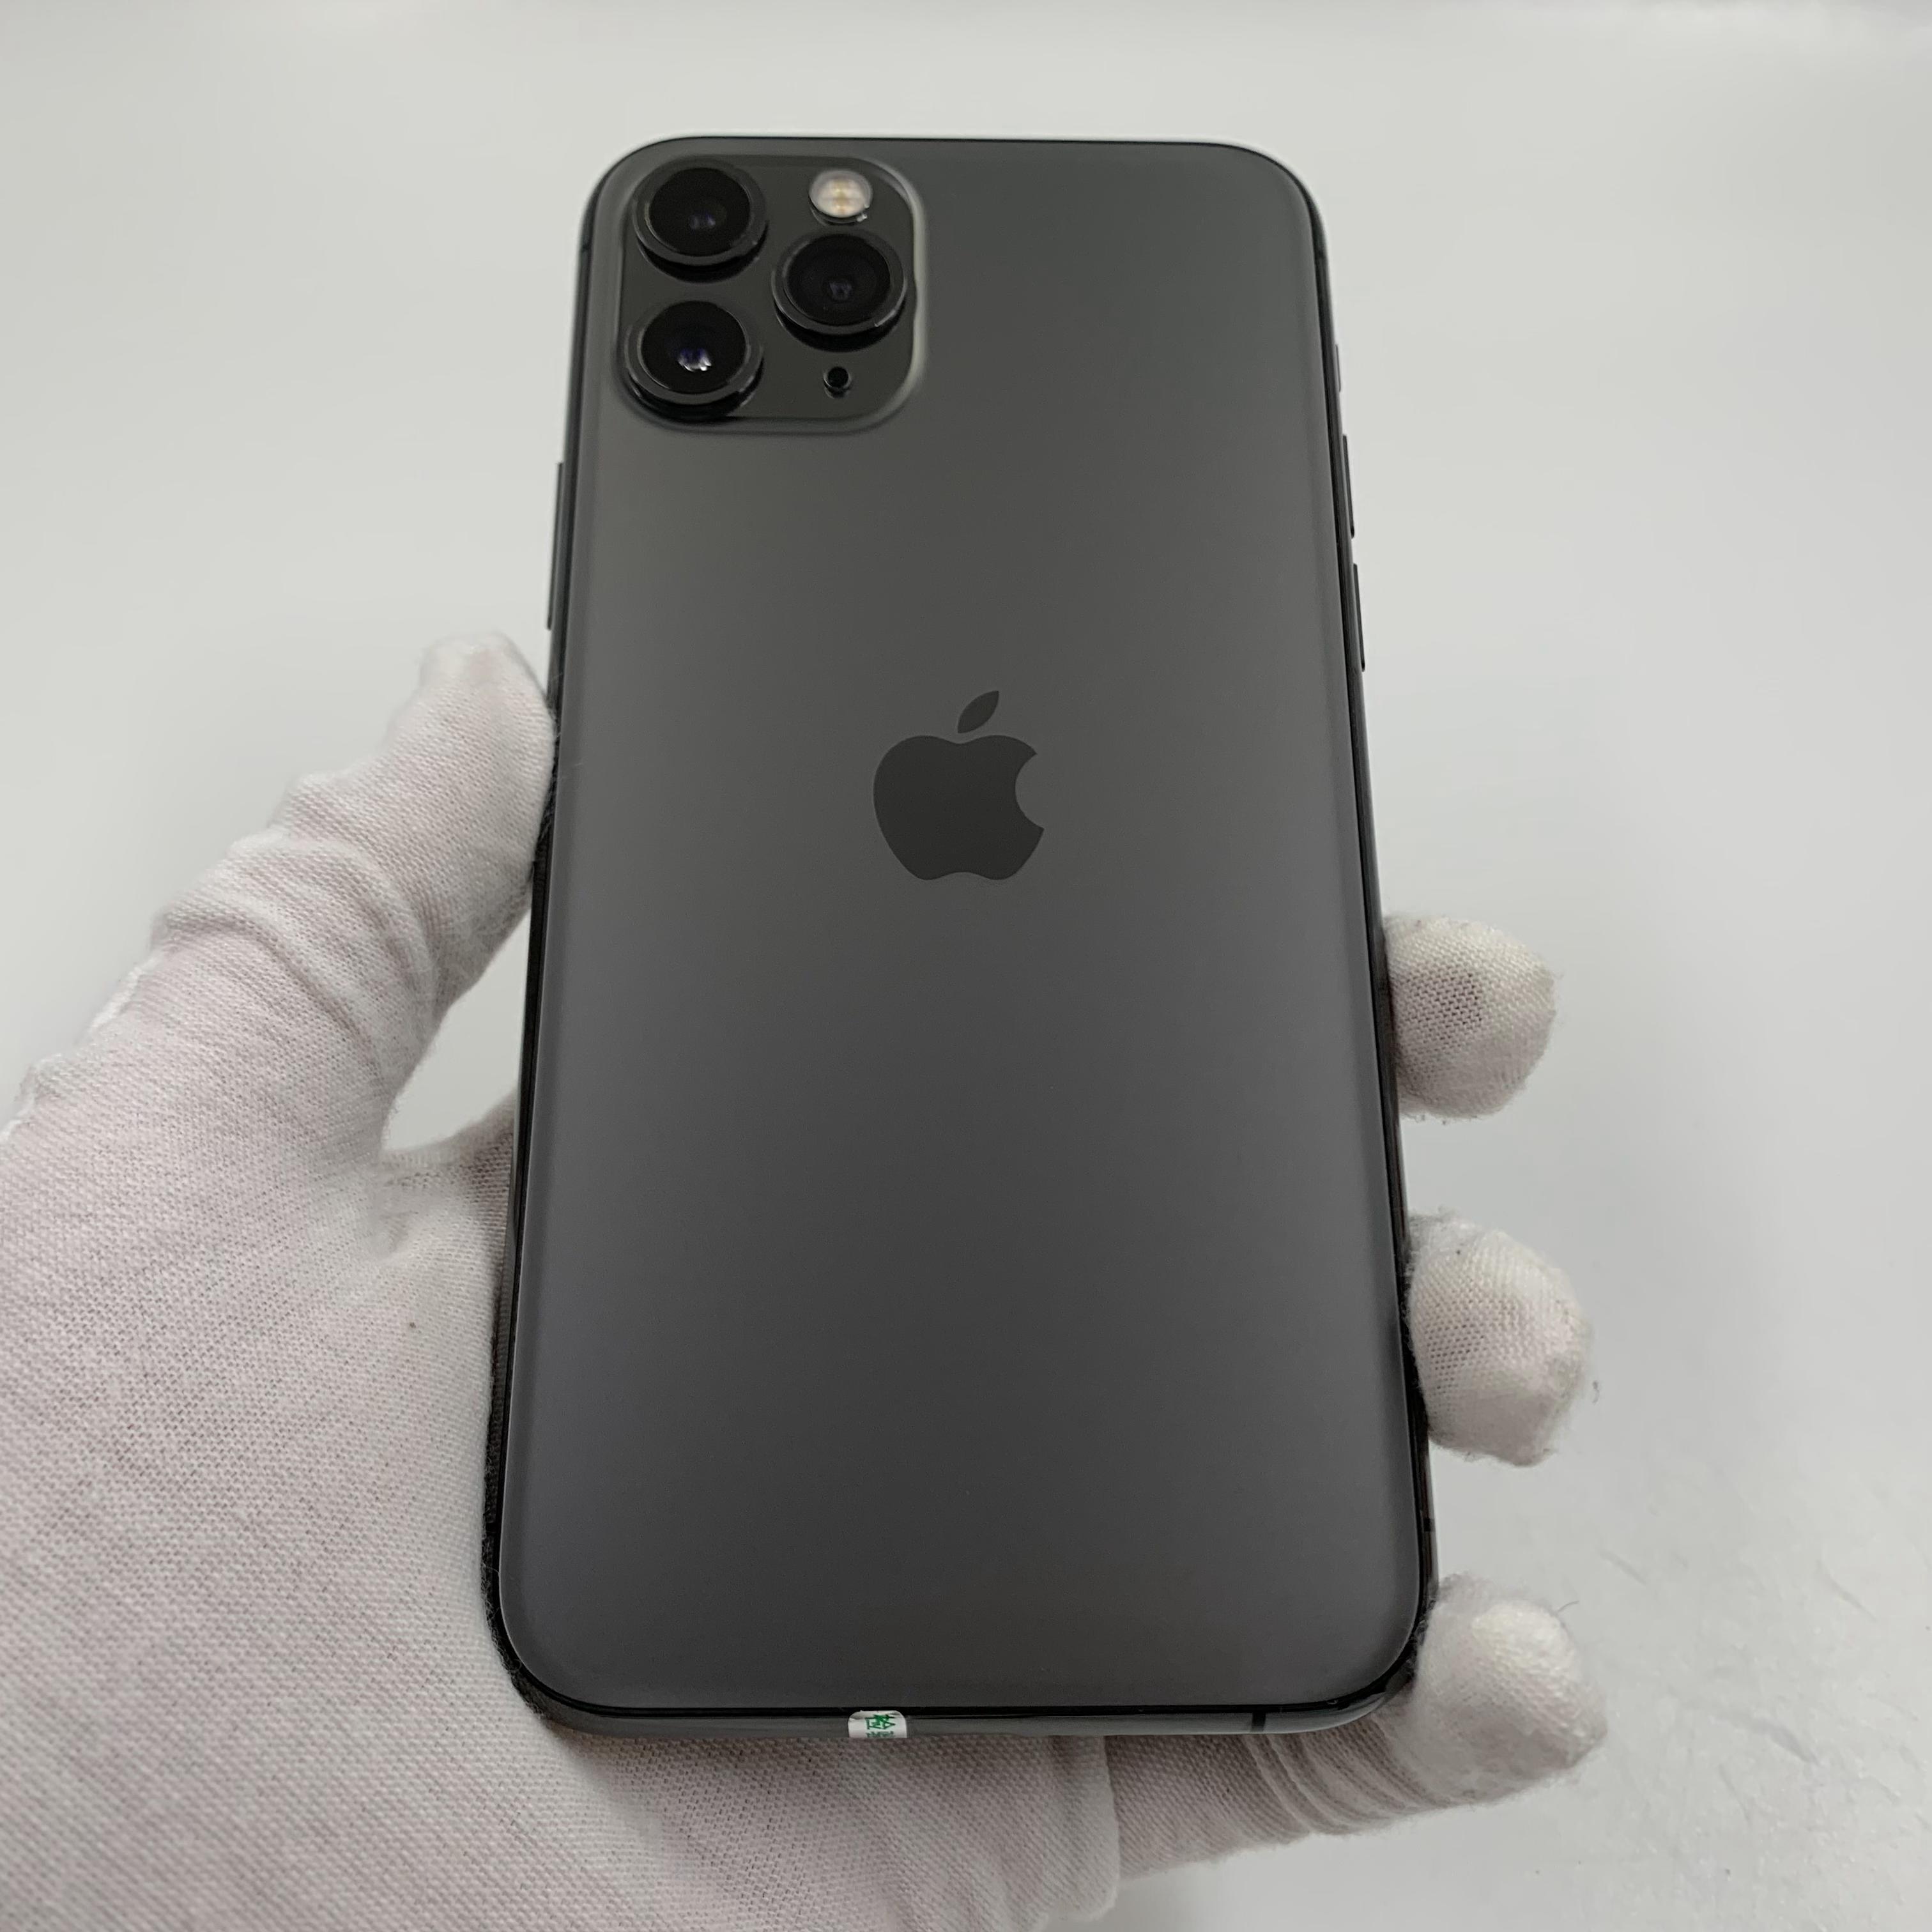 苹果【iPhone 11 Pro】4G全网通 深空灰 64G 国行 8成新 真机实拍